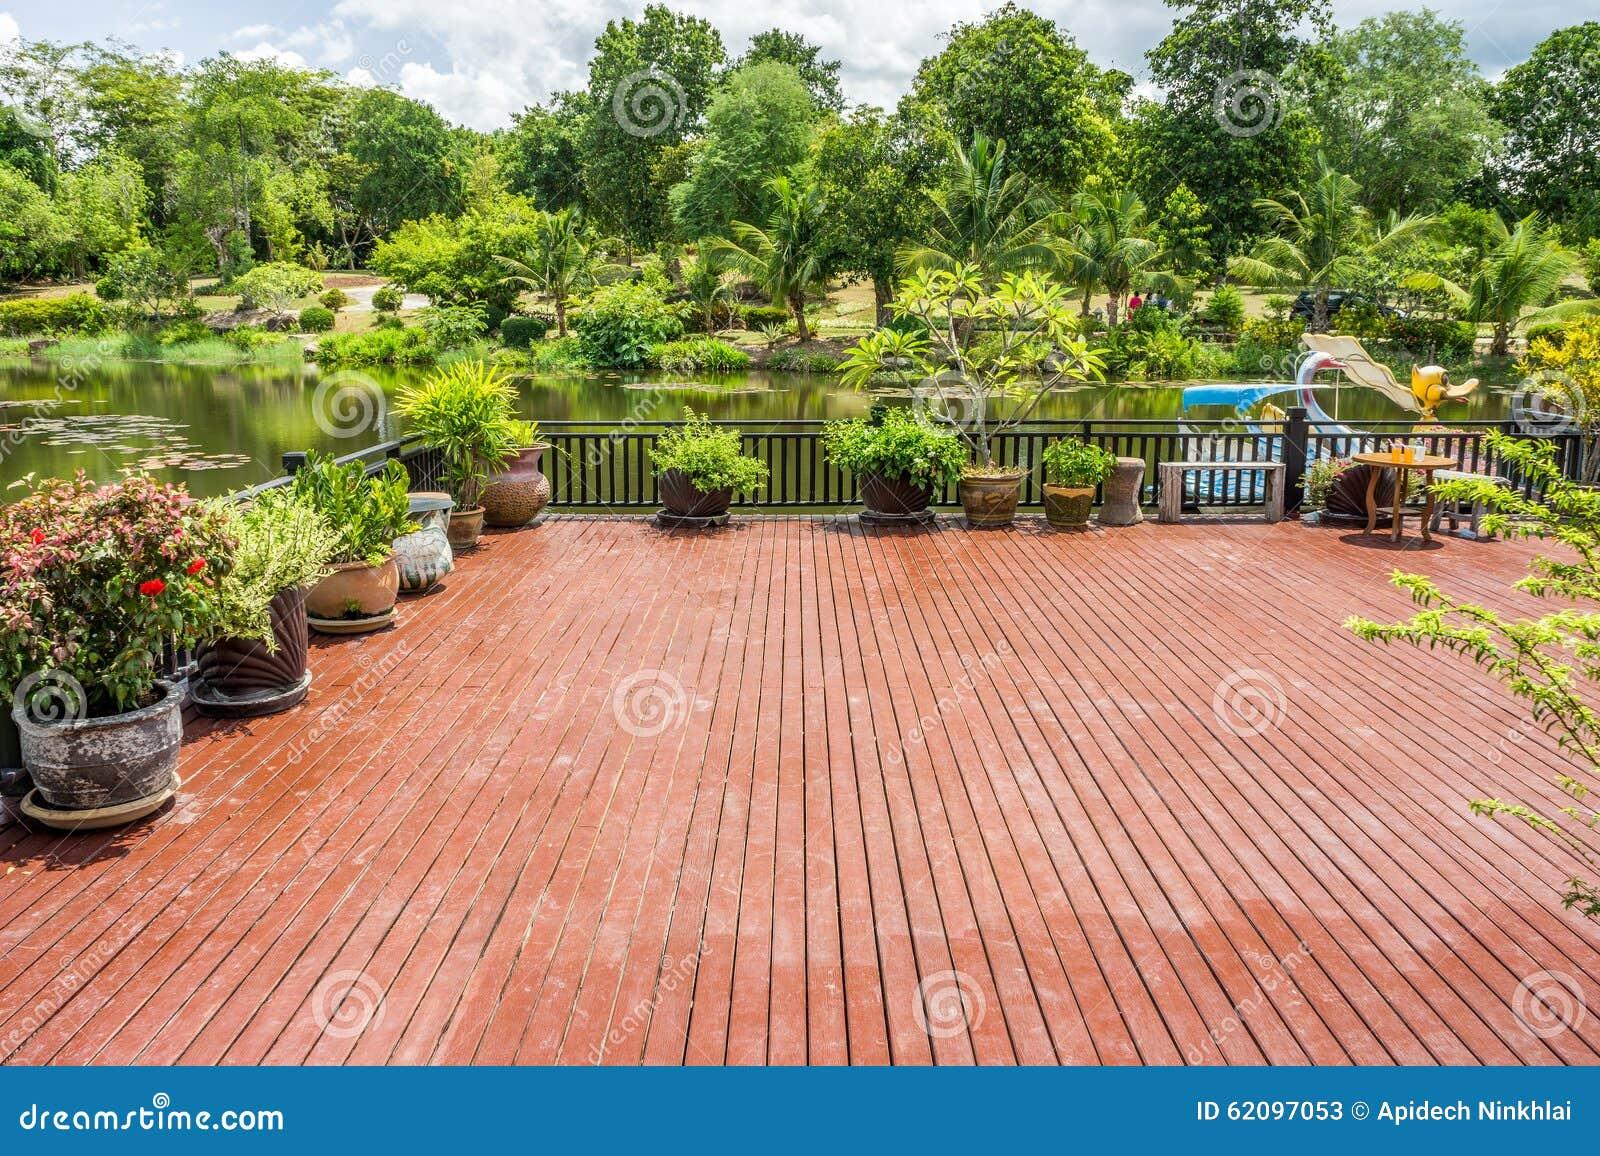 Houten terras met vijver en tuin stock foto afbeelding 62097053 - Terras tuin decoratie ...